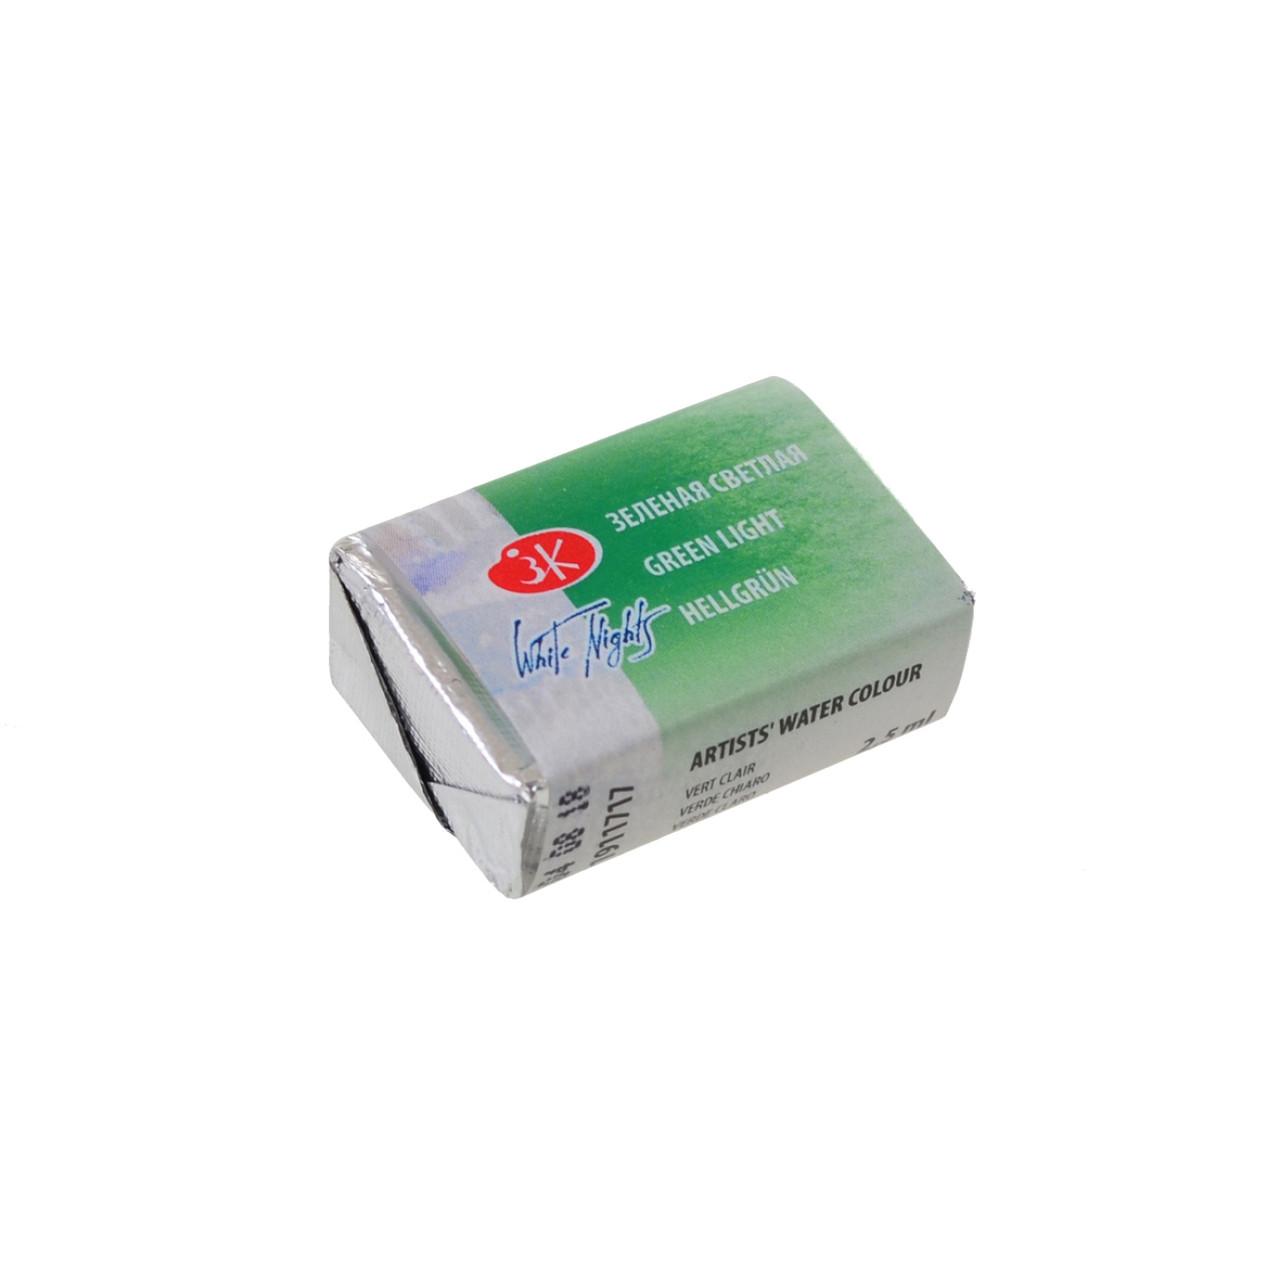 Краска акварельная КЮВЕТА, зеленая светлая, 2.5мл ЗХК код: 351153, арт.завода: 1911717